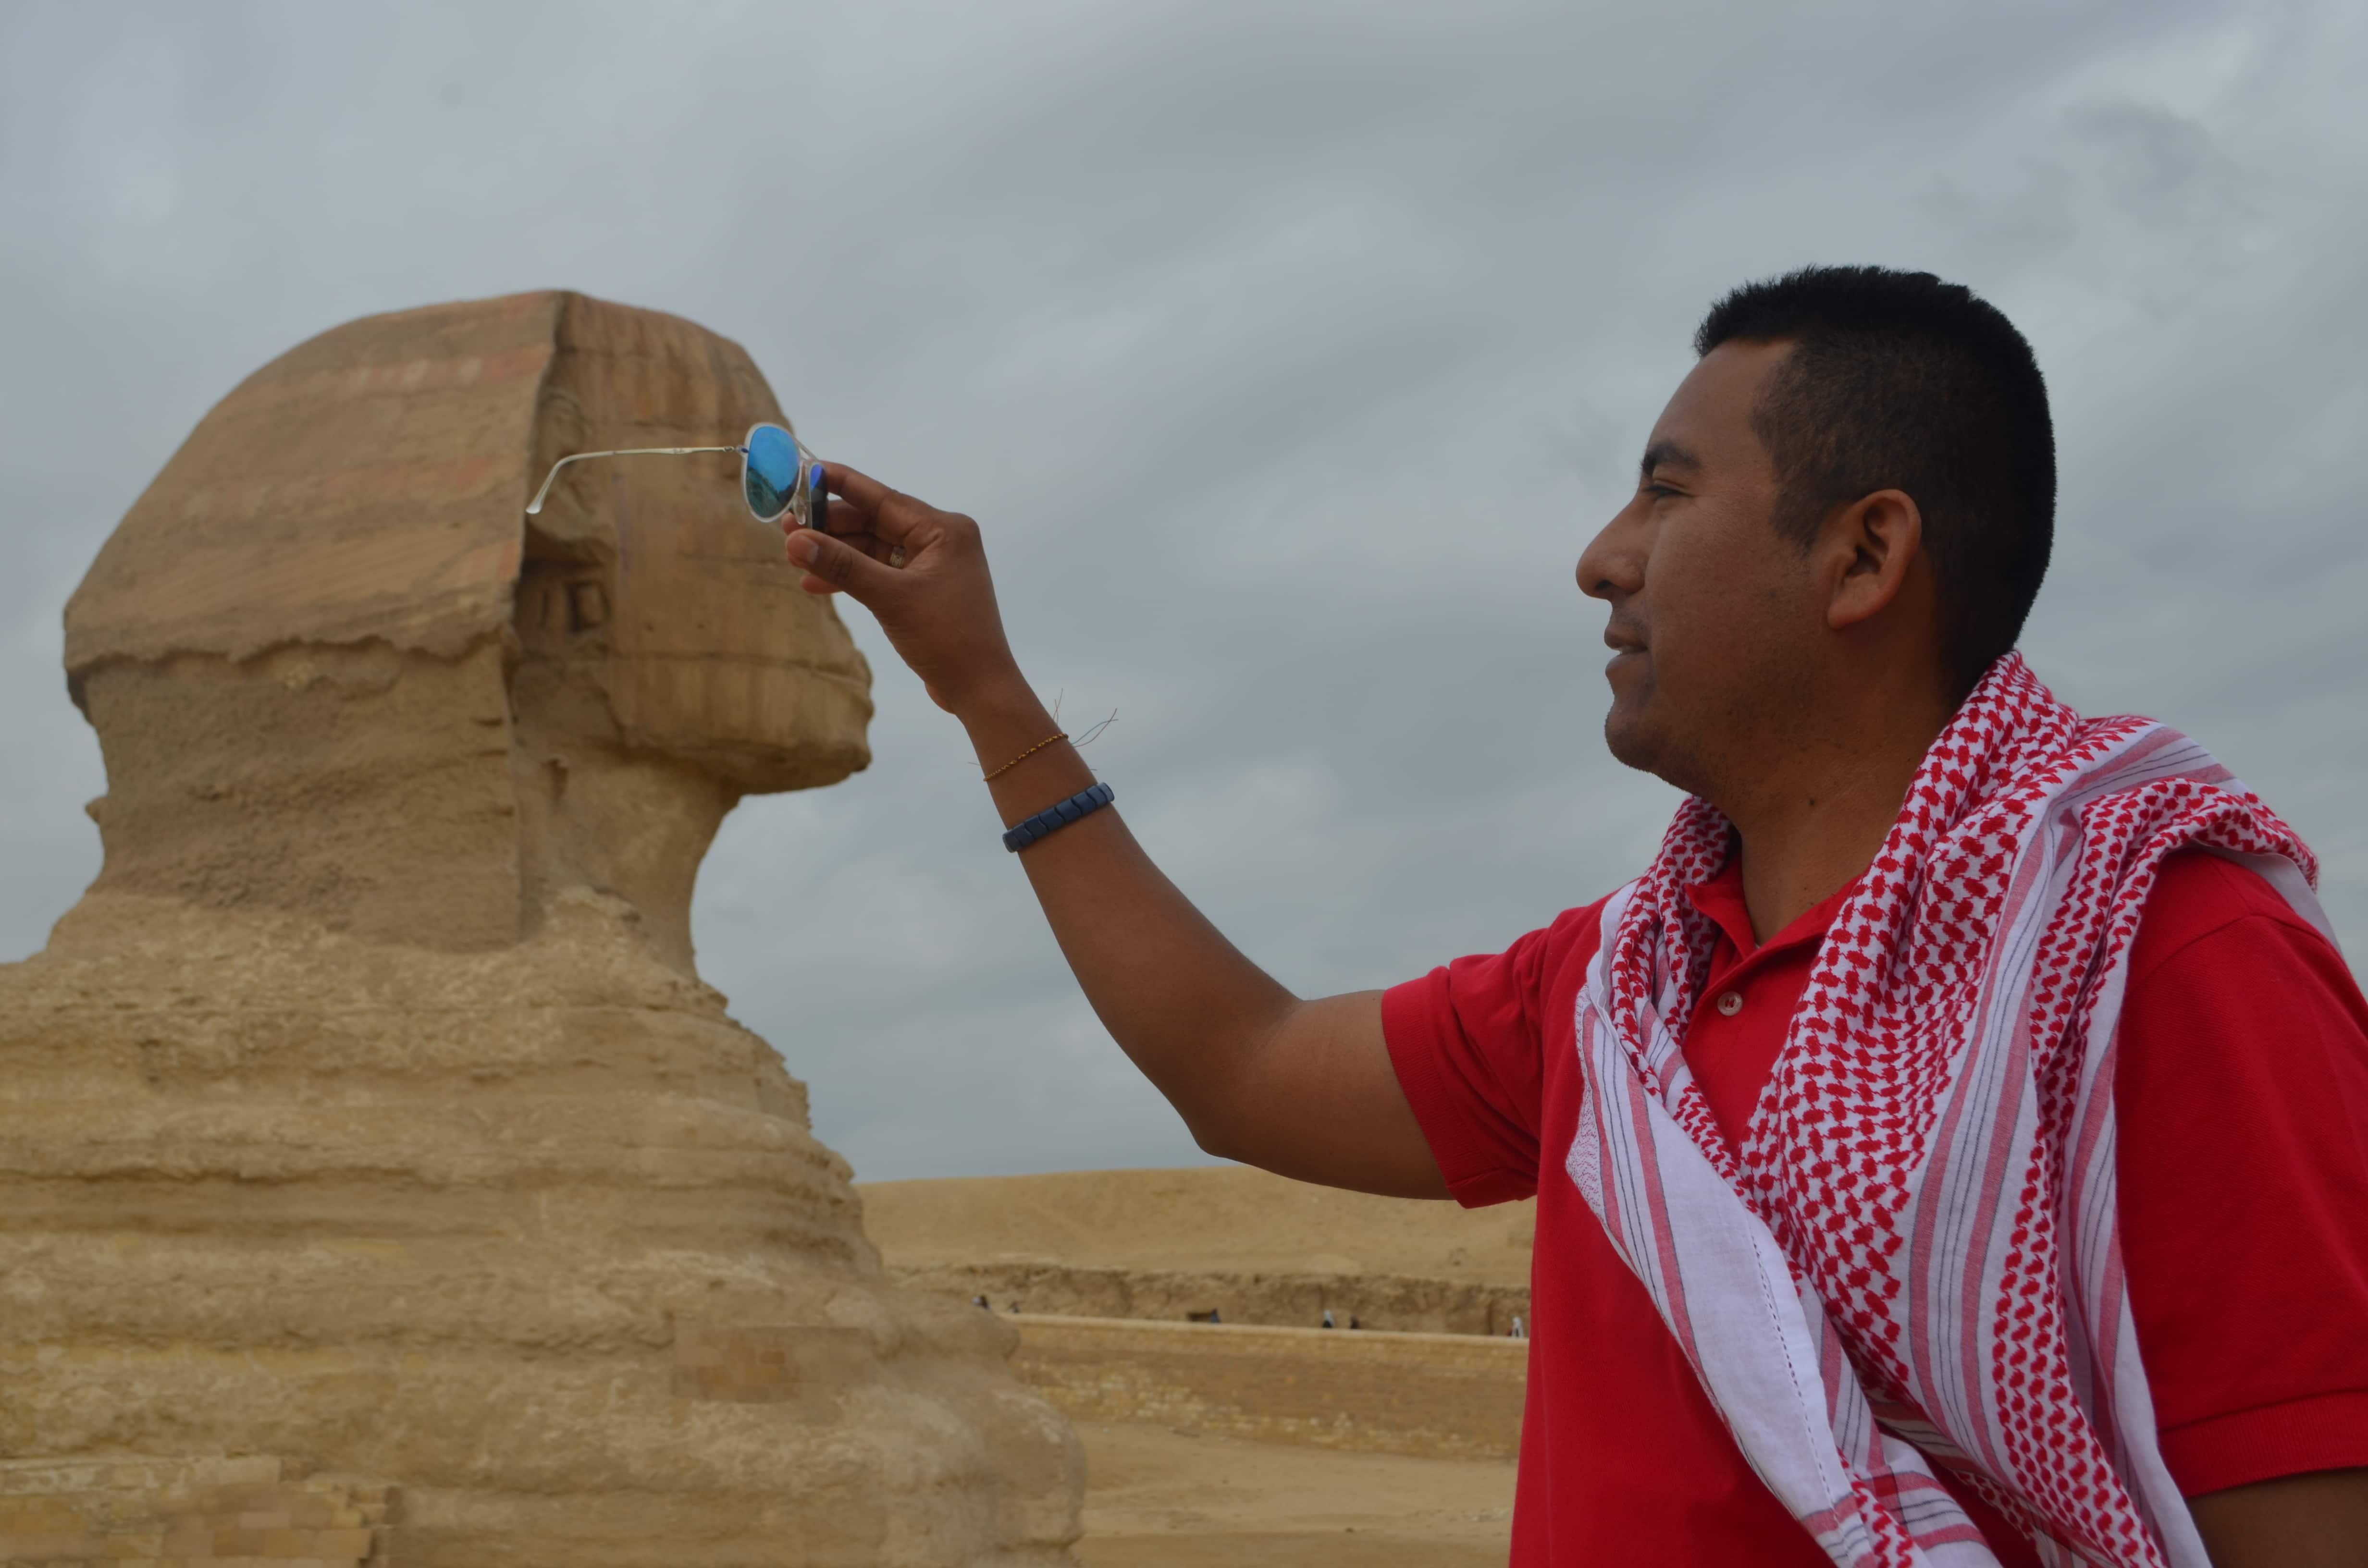 La esfinge en la Pirámide de Guiza